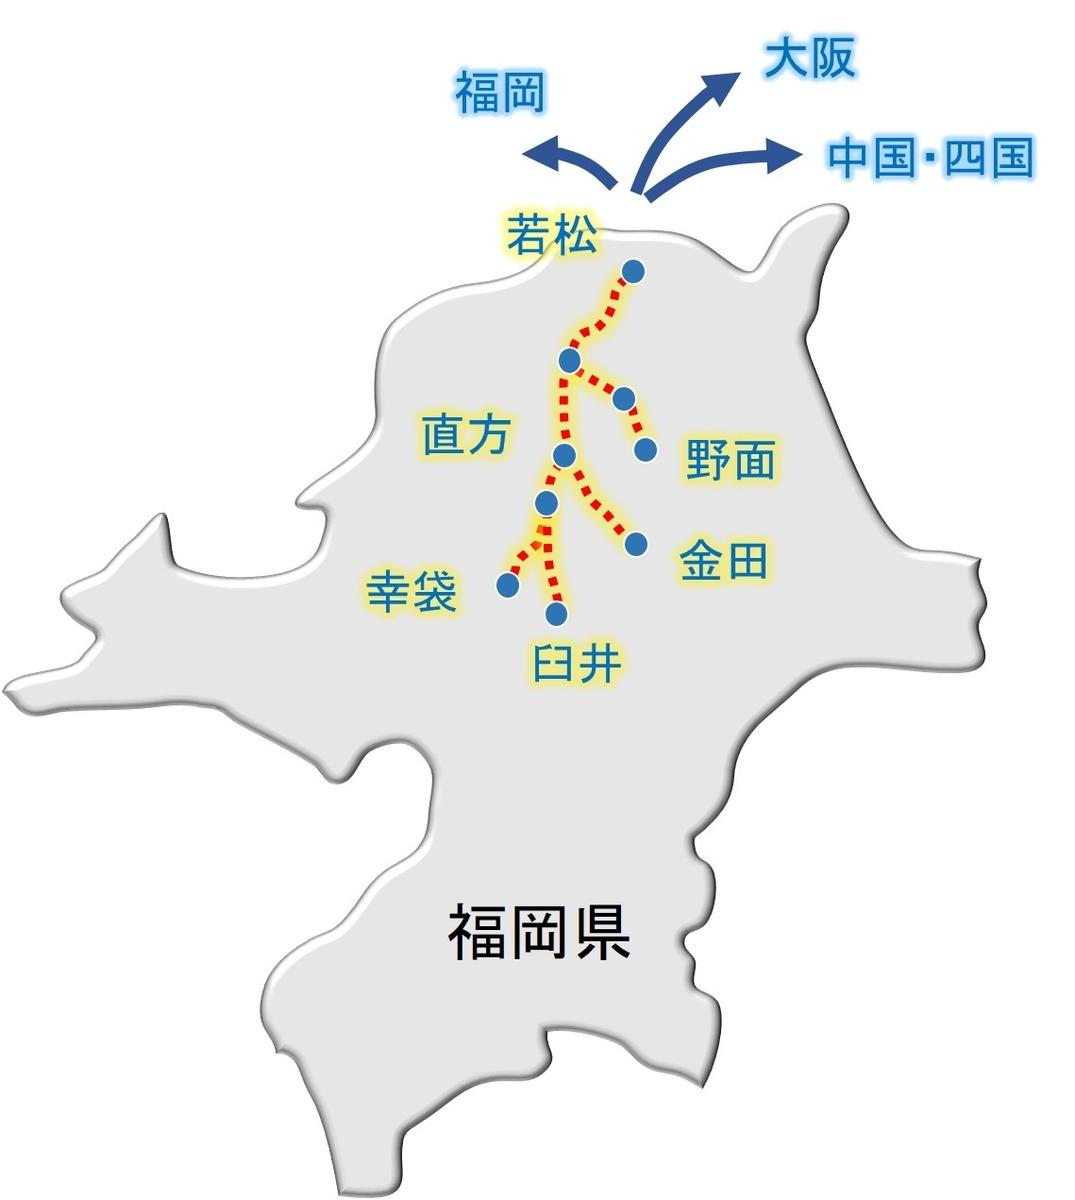 f:id:regenerationderhydra:20210206070032j:plain